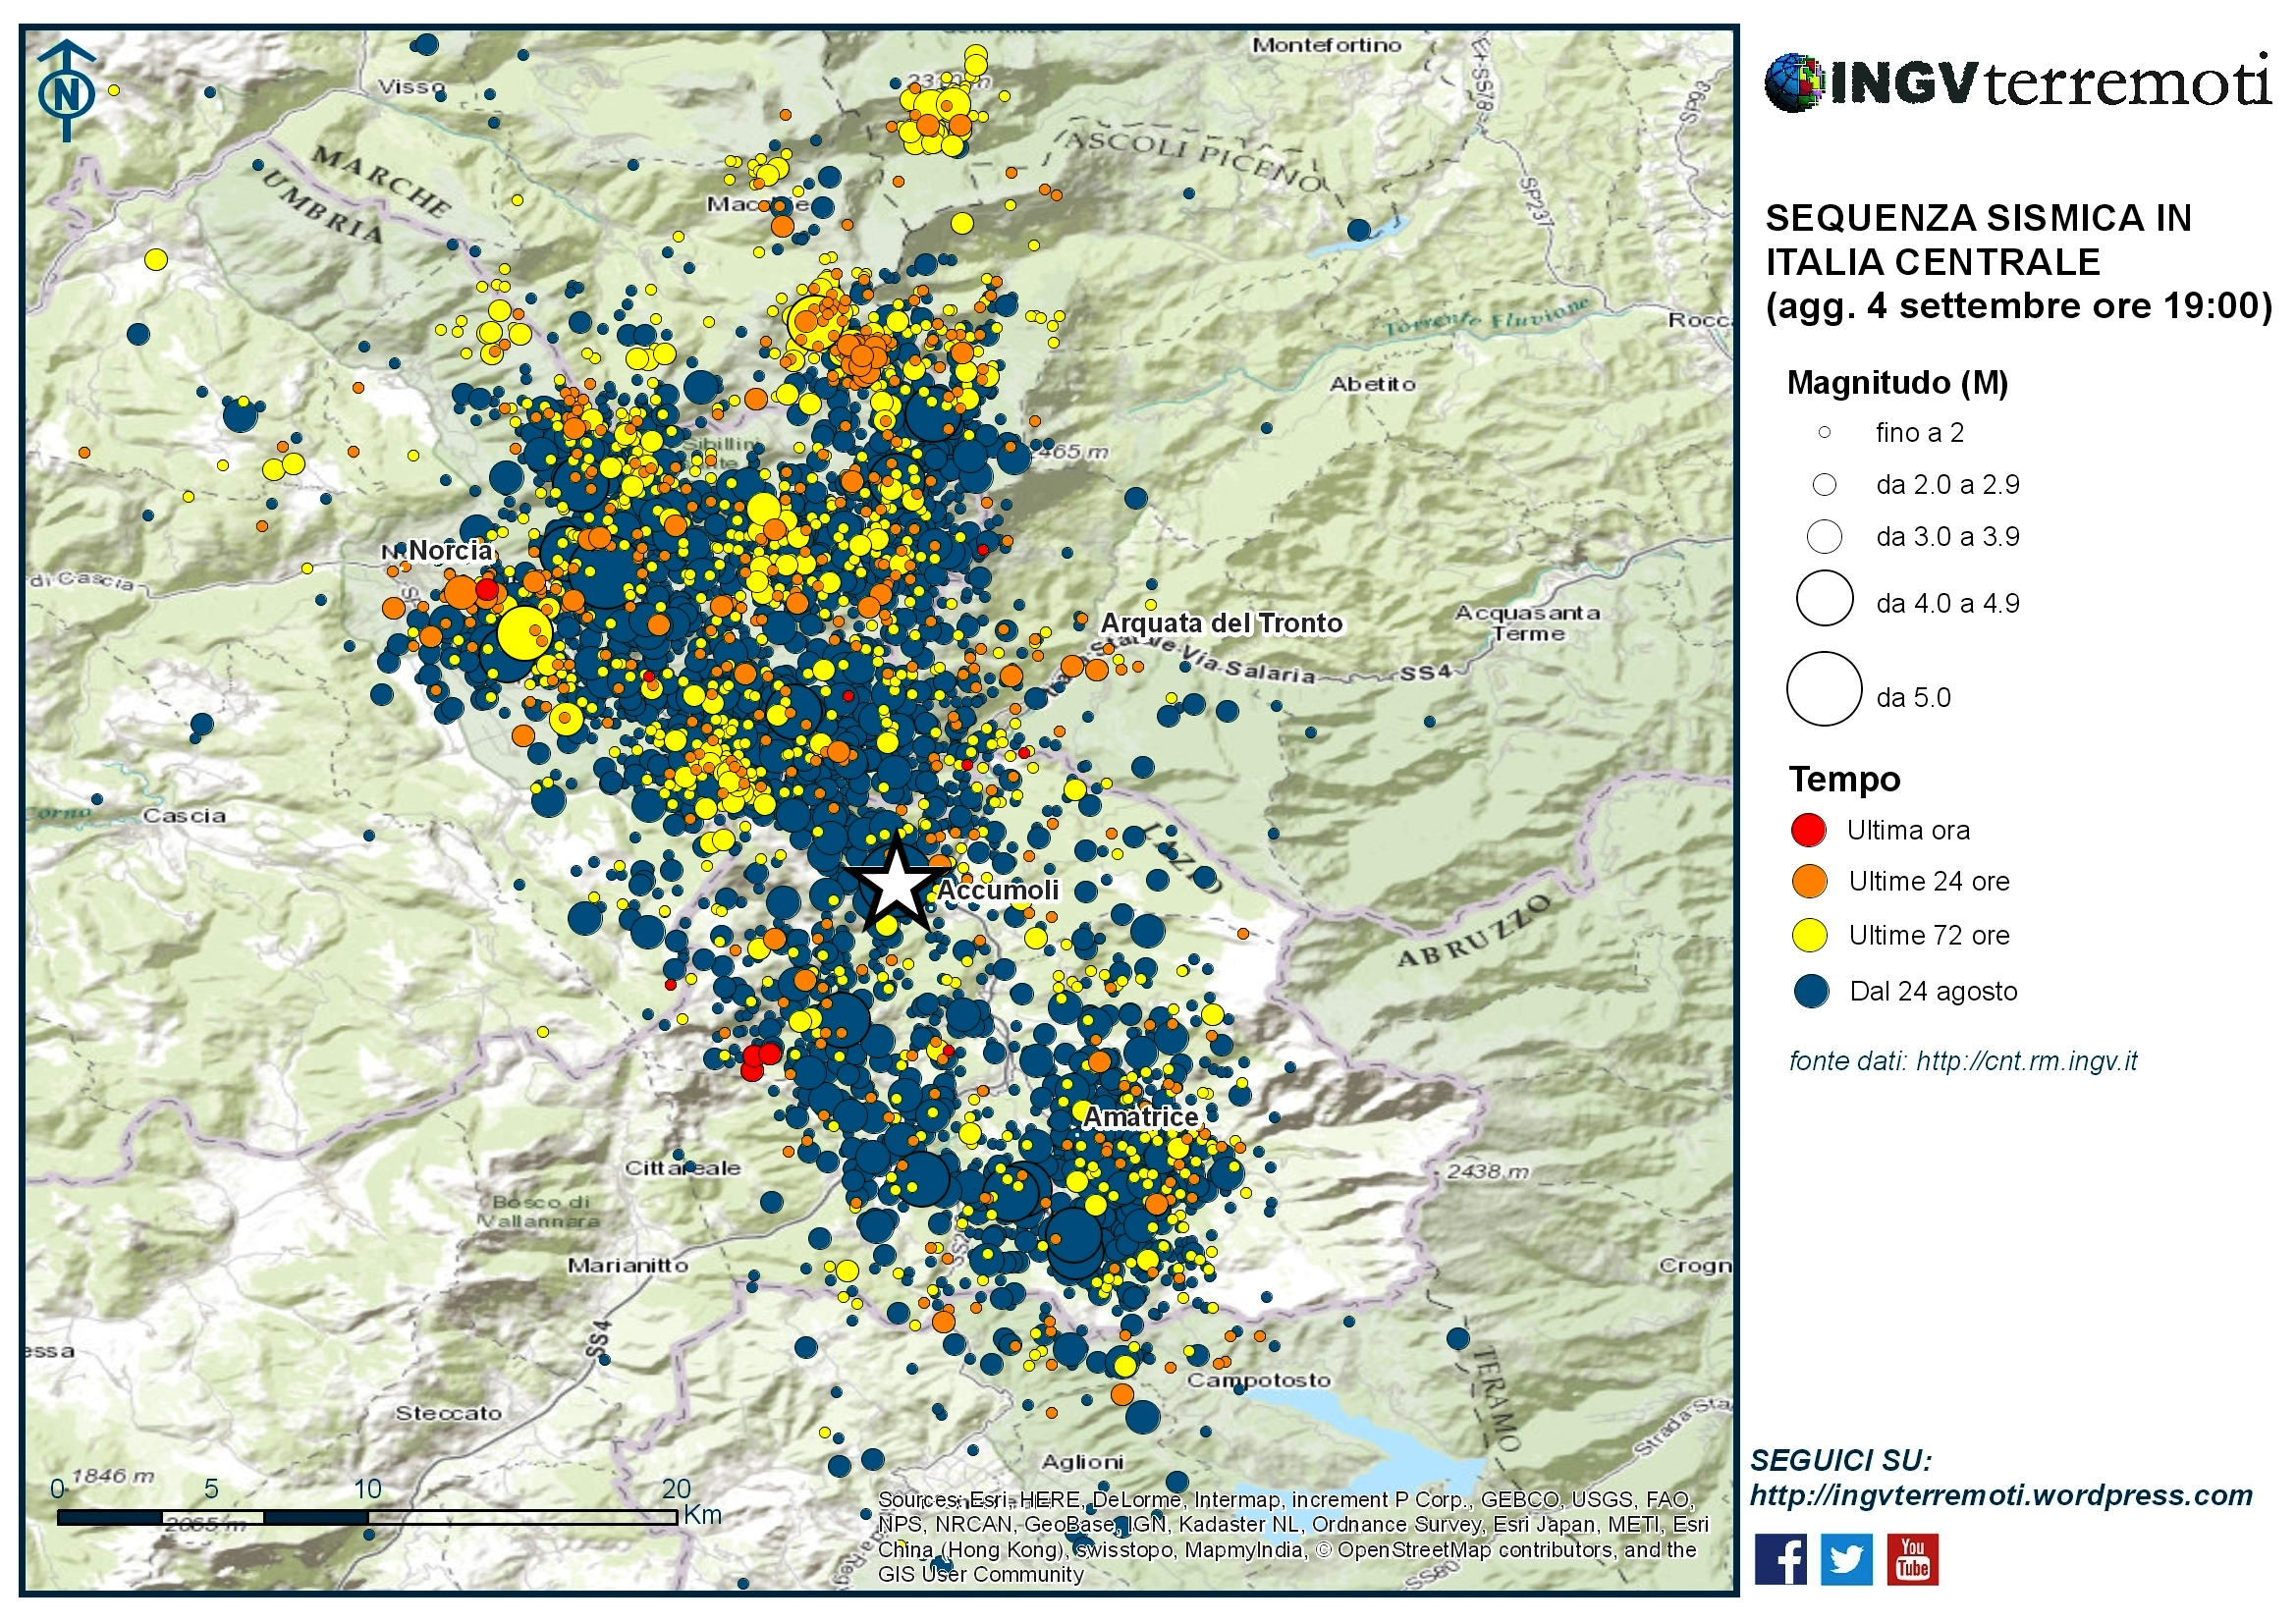 Sequenza sismica in Italia centrale: aggiornamento 4 settembre, ore 19:00